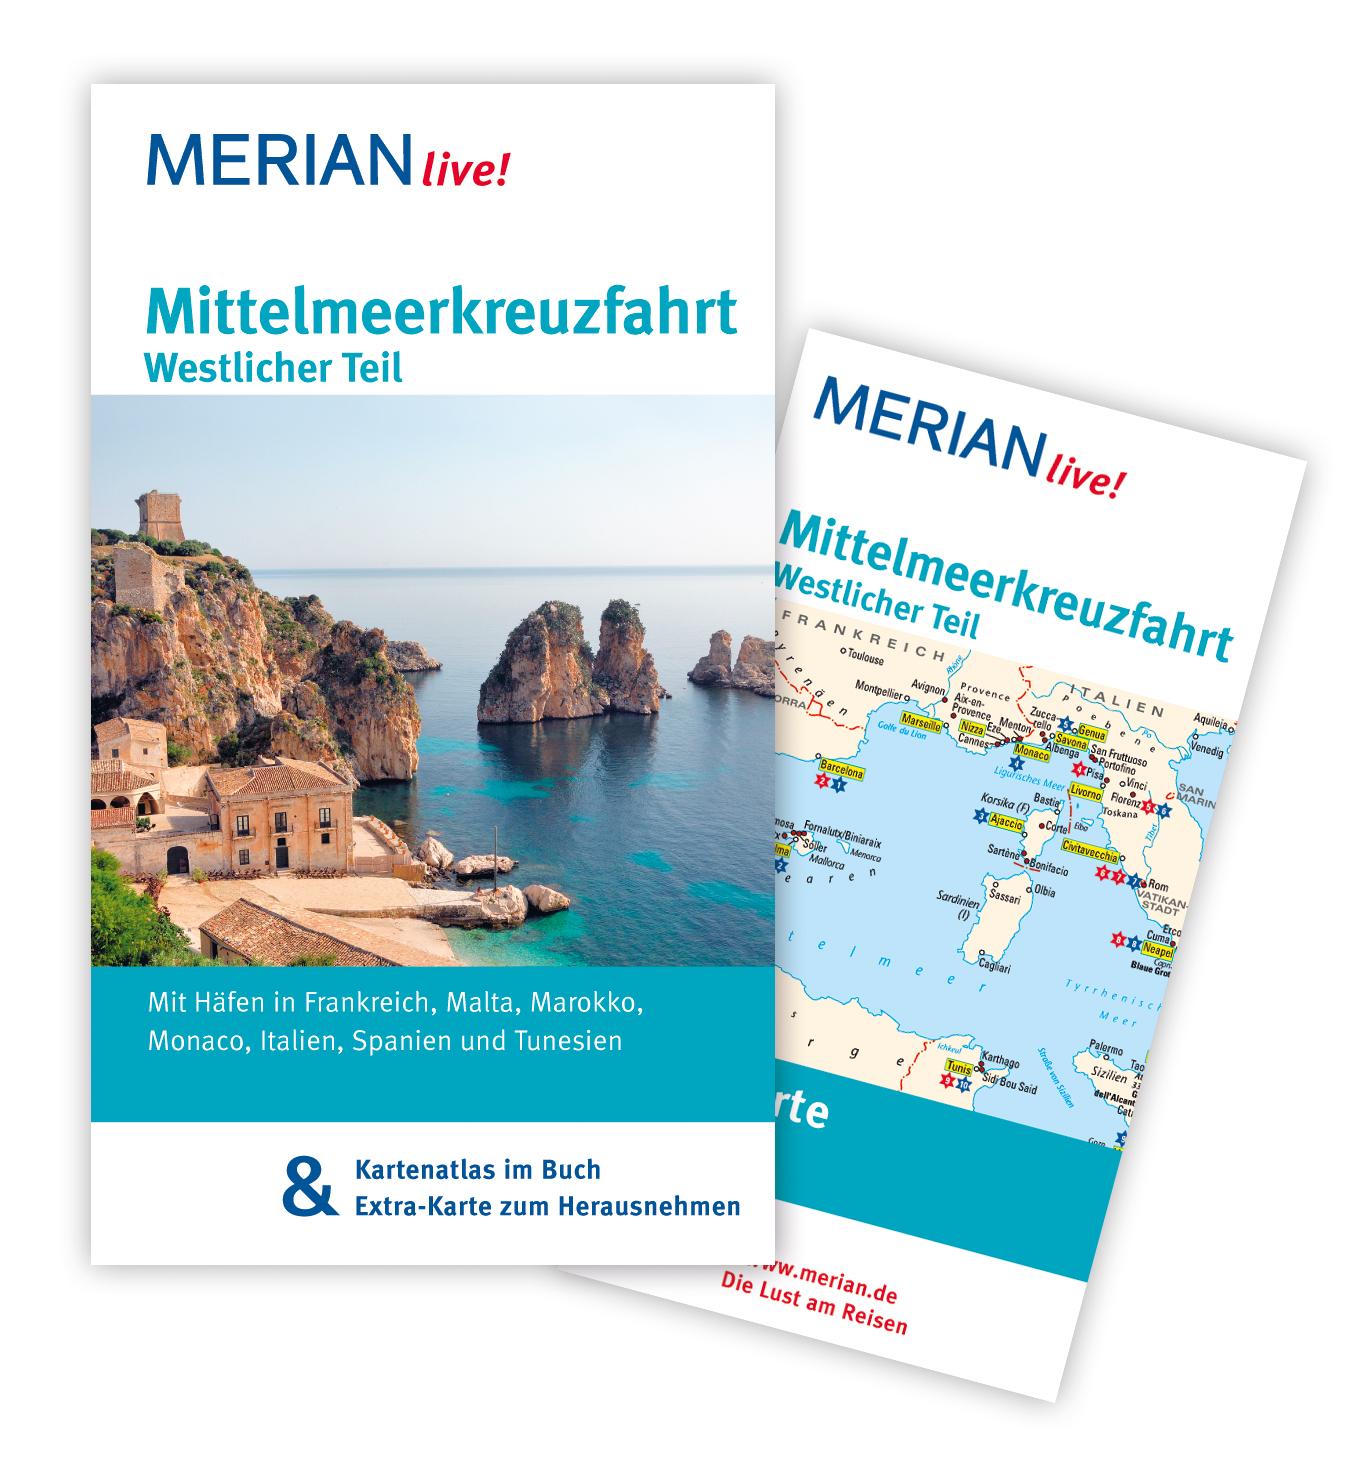 Mittelmeerkreuzfahrt Westlicher Teil: MERIAN live! - Mit Kartenatlas im Buch und Extra-Karte zum Herausnehmen: Mit Häfen in Frankreich, Malta, Marokko, Monaco, Italien, Spanien und Tunesien - Holger Wolandt